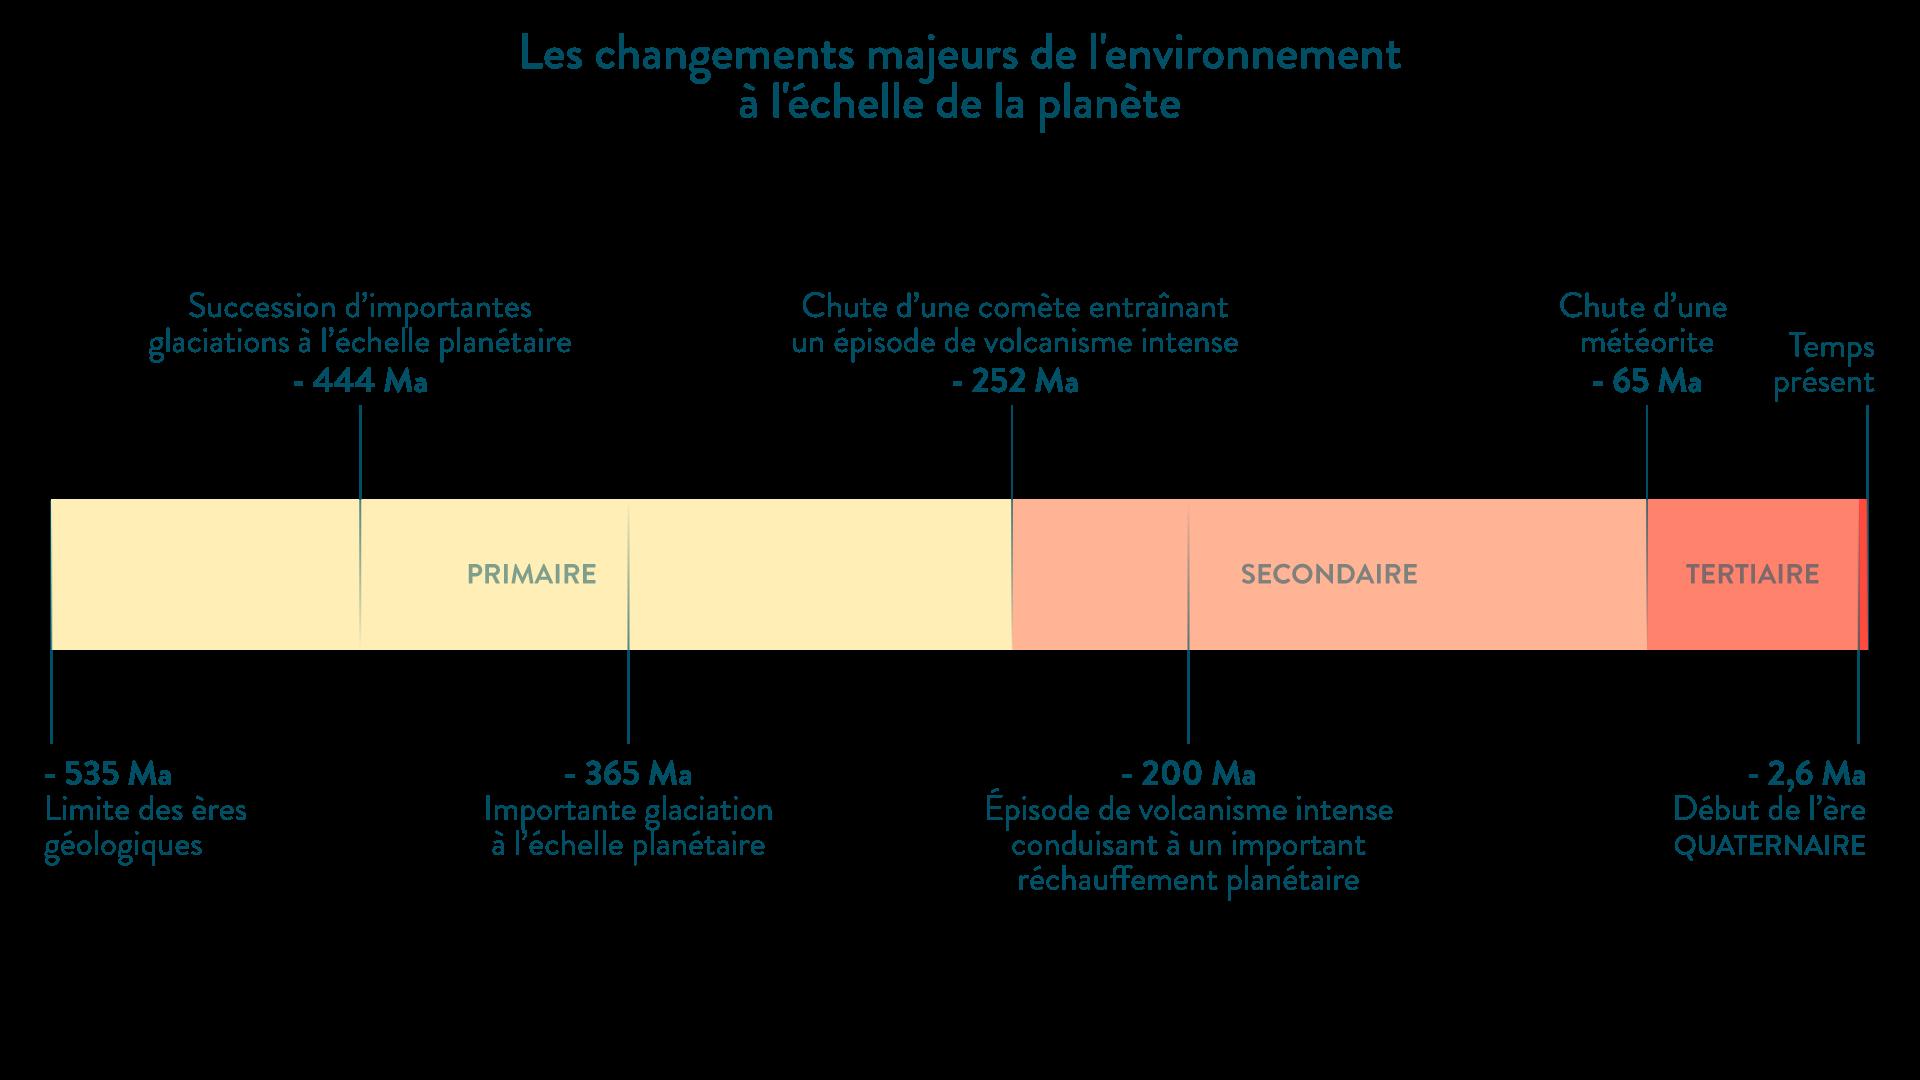 Les changements majeurs de l'environnement à l'échelle de la planète